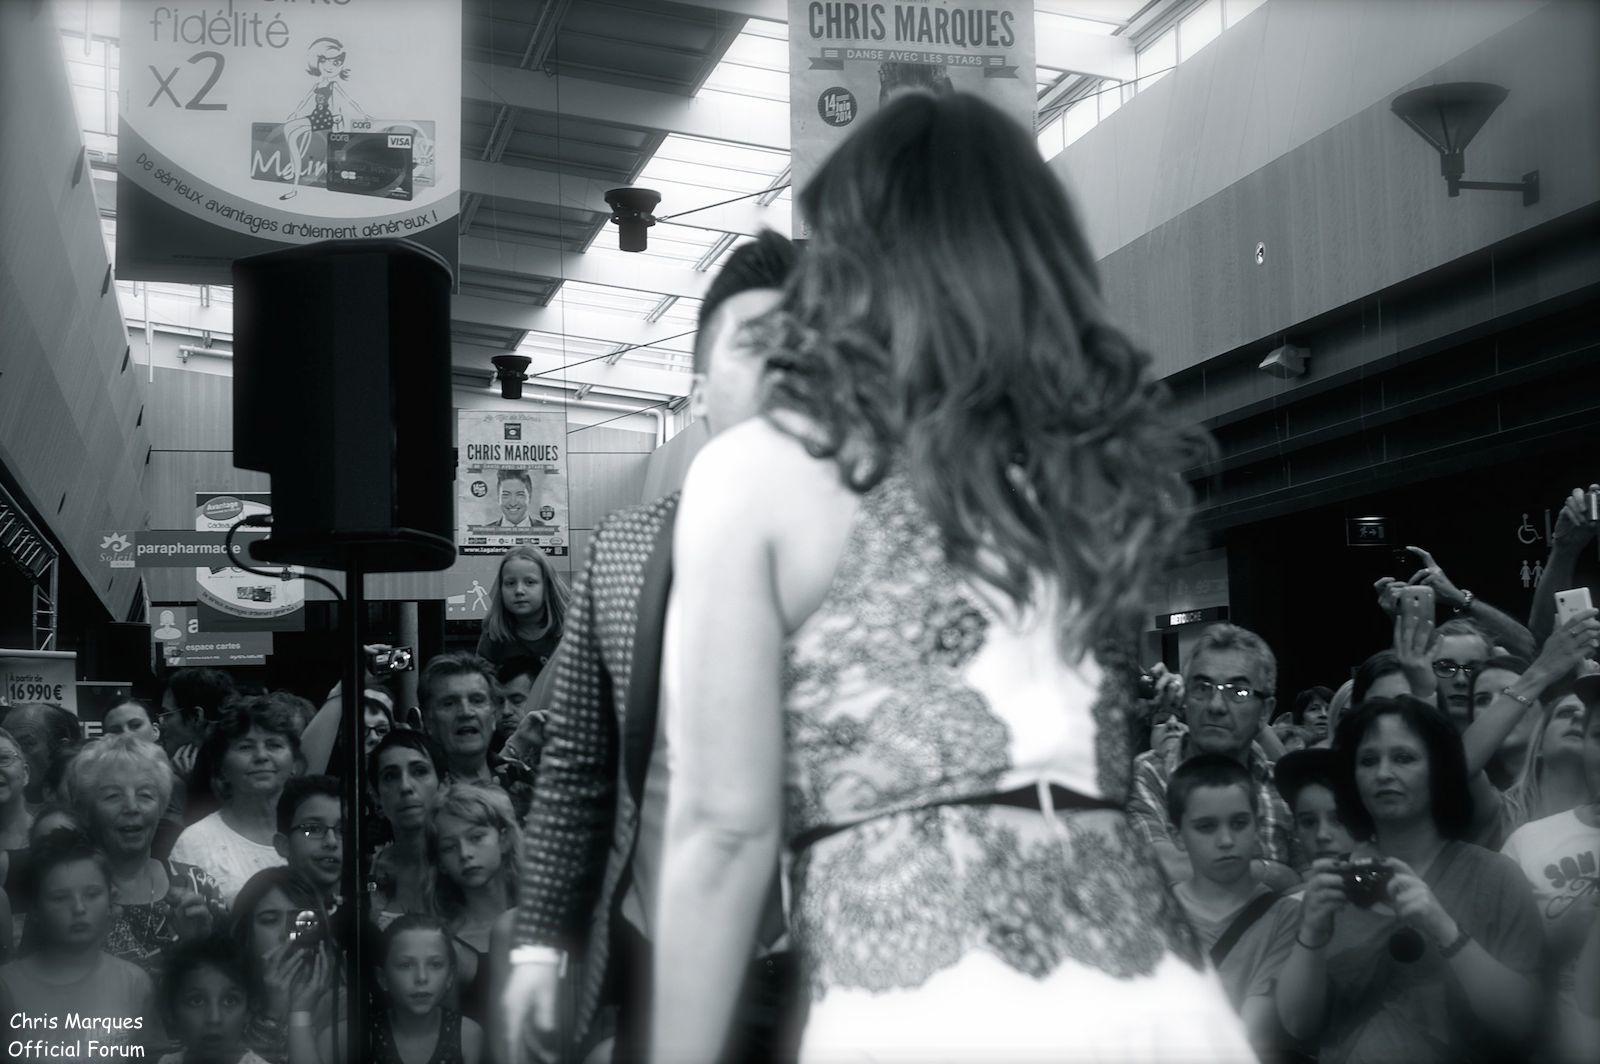 [14.06.2014] Evénement à #Colmar Chris Marques et Jaclyn Spencer pour un Flashmob/Cours de Danse/Dédicaces exceptionnels le tout organisé par la MJC de Colmar 12511